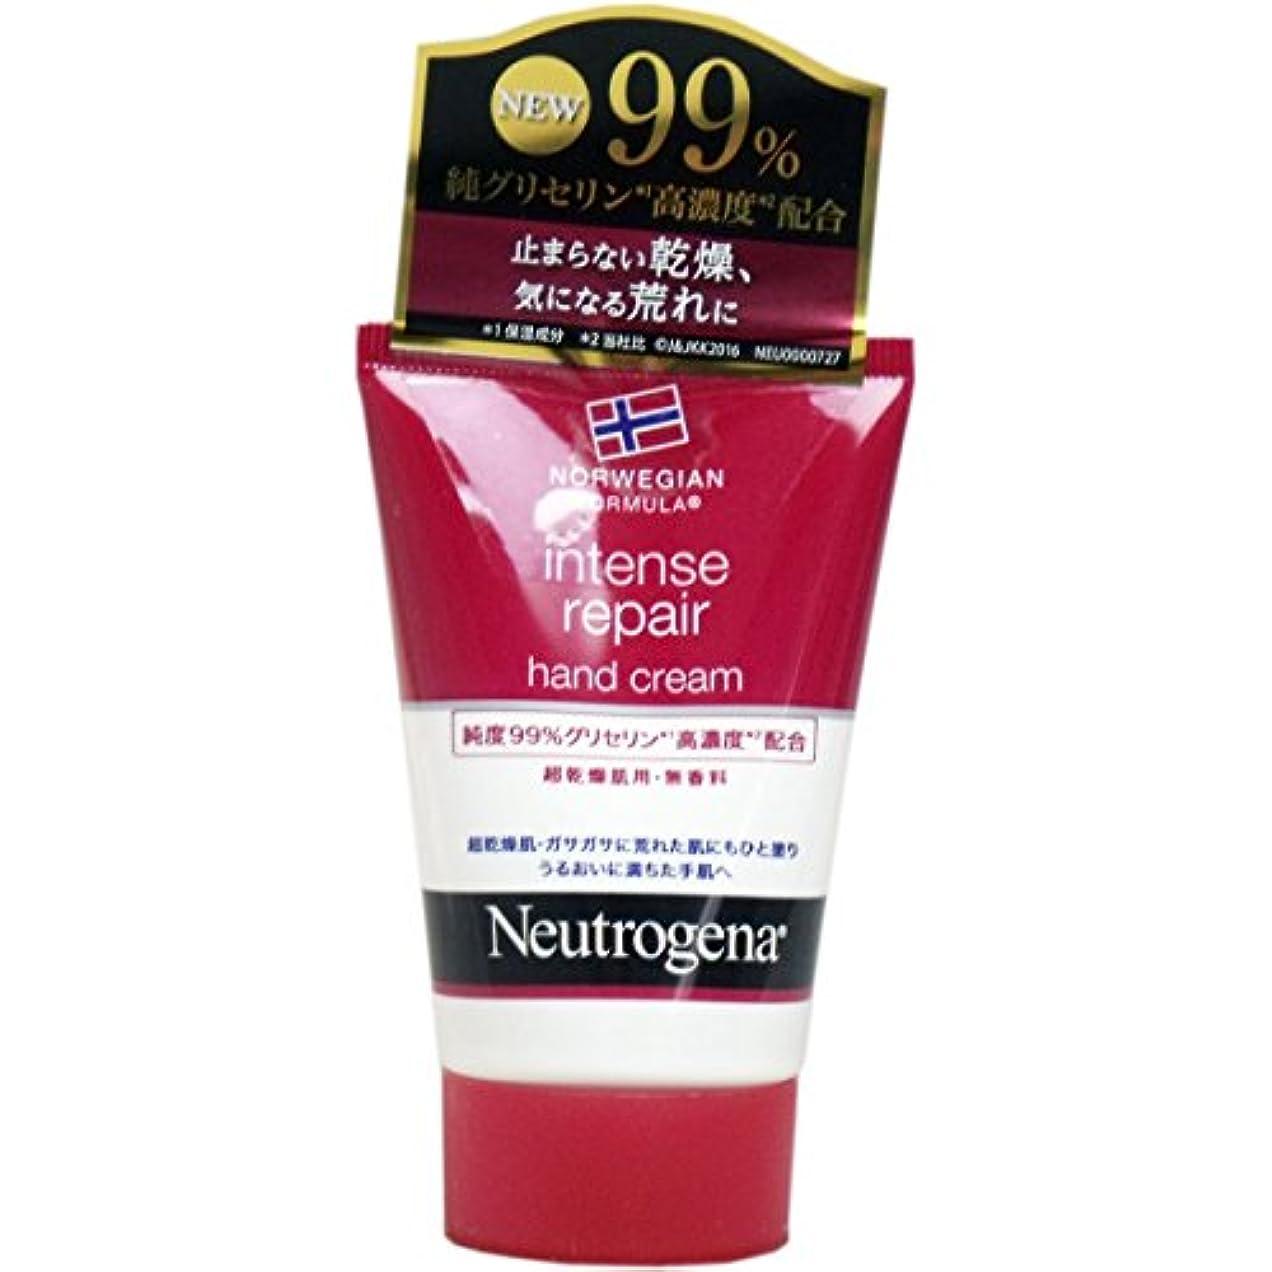 小競り合いサラミ今後【セット品】Neutrogena(ニュートロジーナ) ノルウェーフォーミュラ インテンスリペア ハンドクリーム 超乾燥肌用 無香料 50g×6個